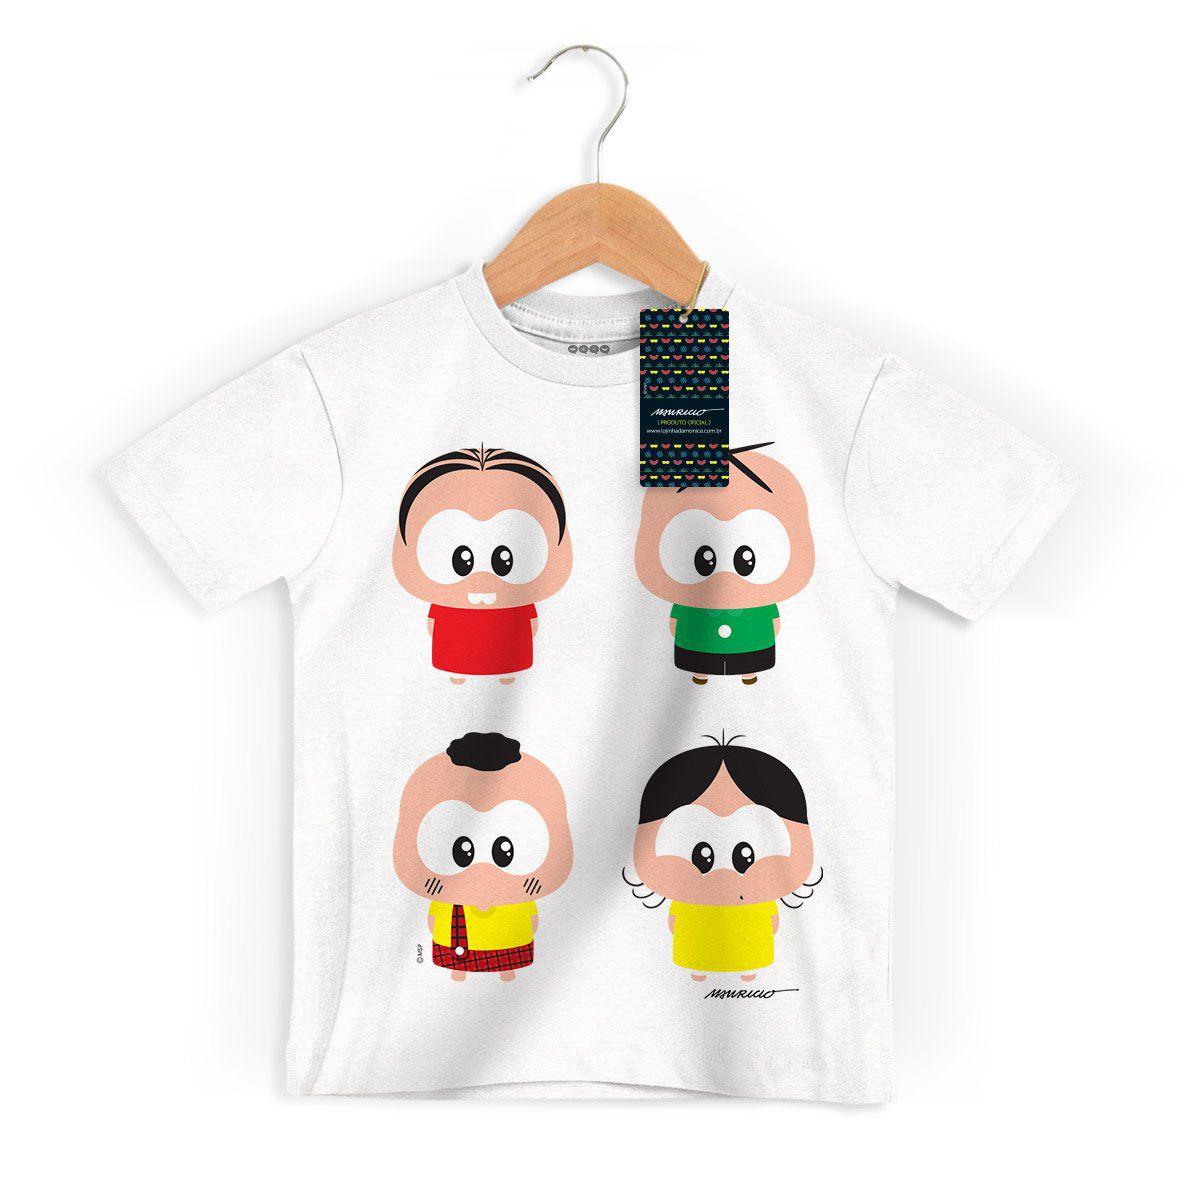 NÃO USAR Camiseta Infantil Turma da Mônica Toy A Turma Toy